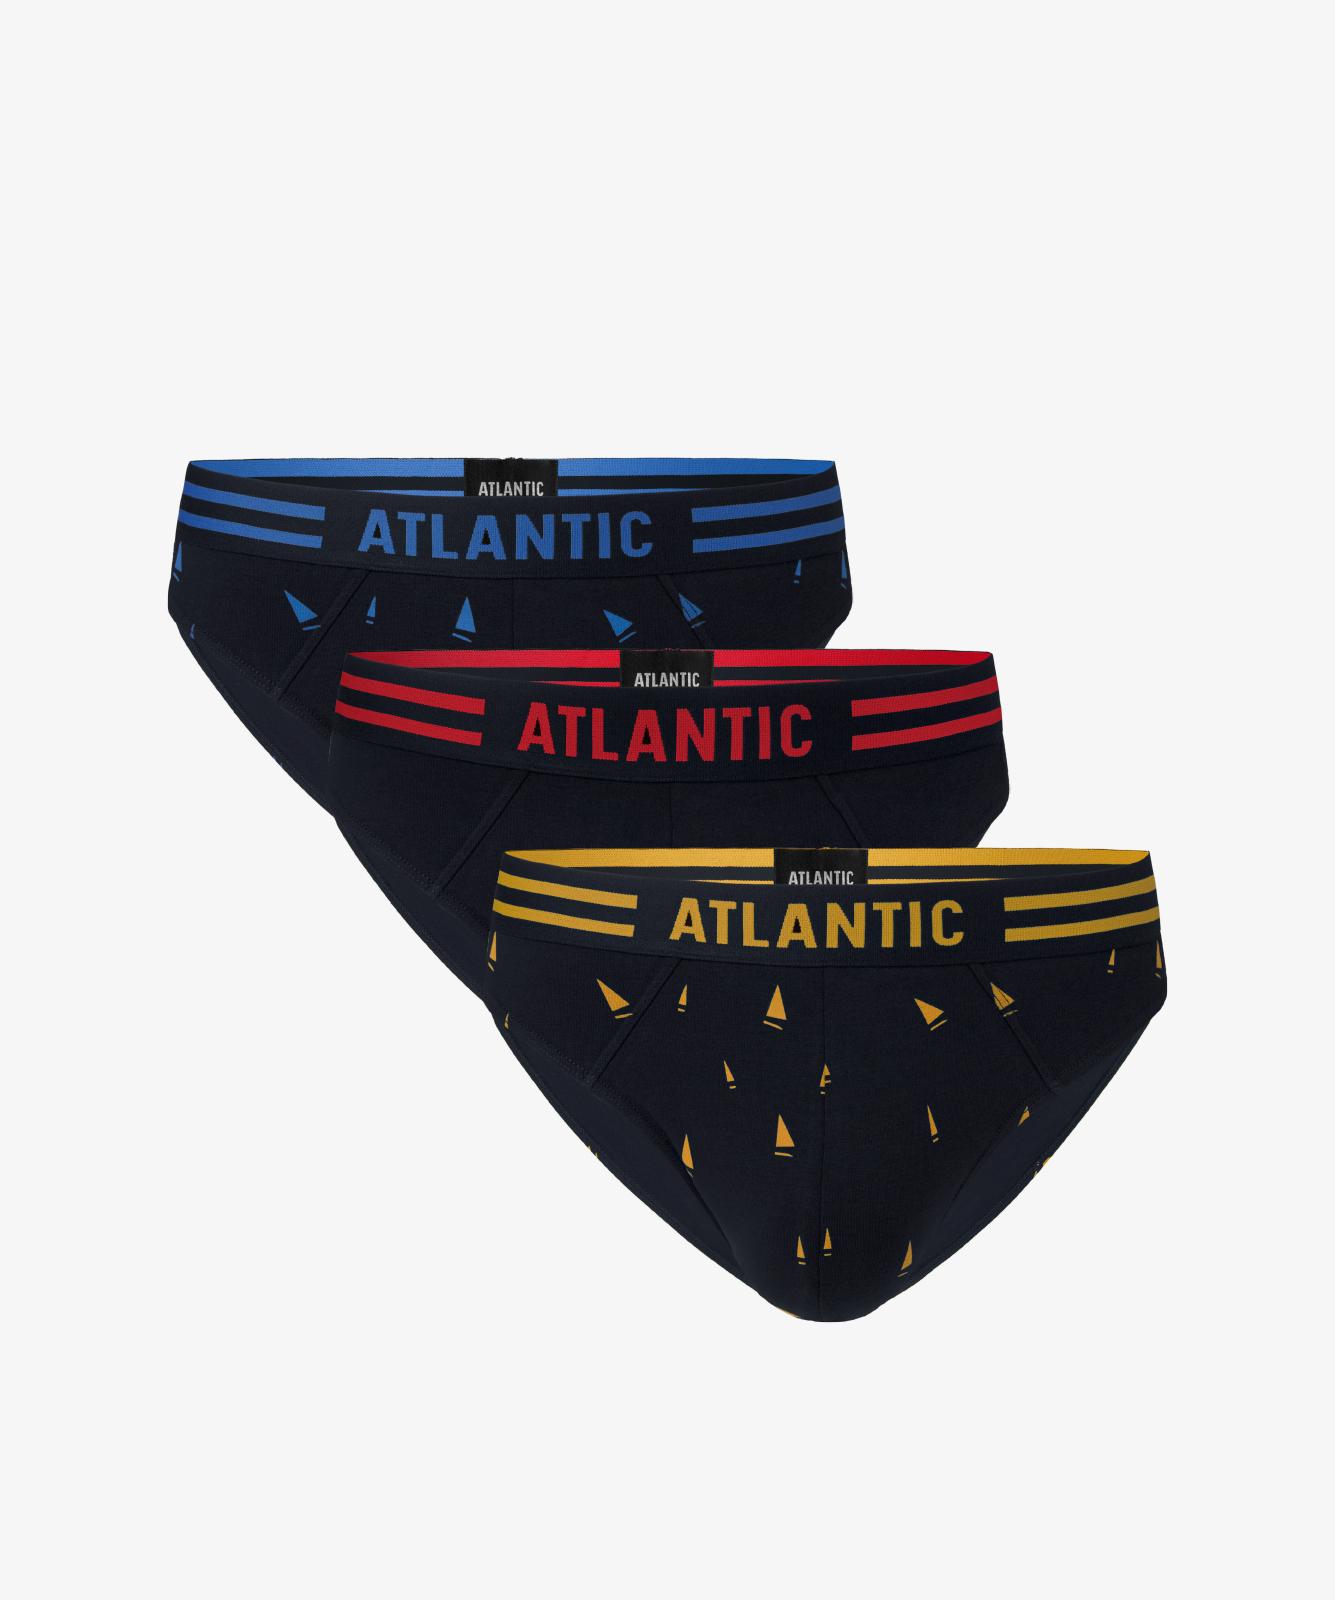 Мужские трусы слипы спорт Atlantic, набор 3 шт., хлопок, темно-синие, 3MP-098